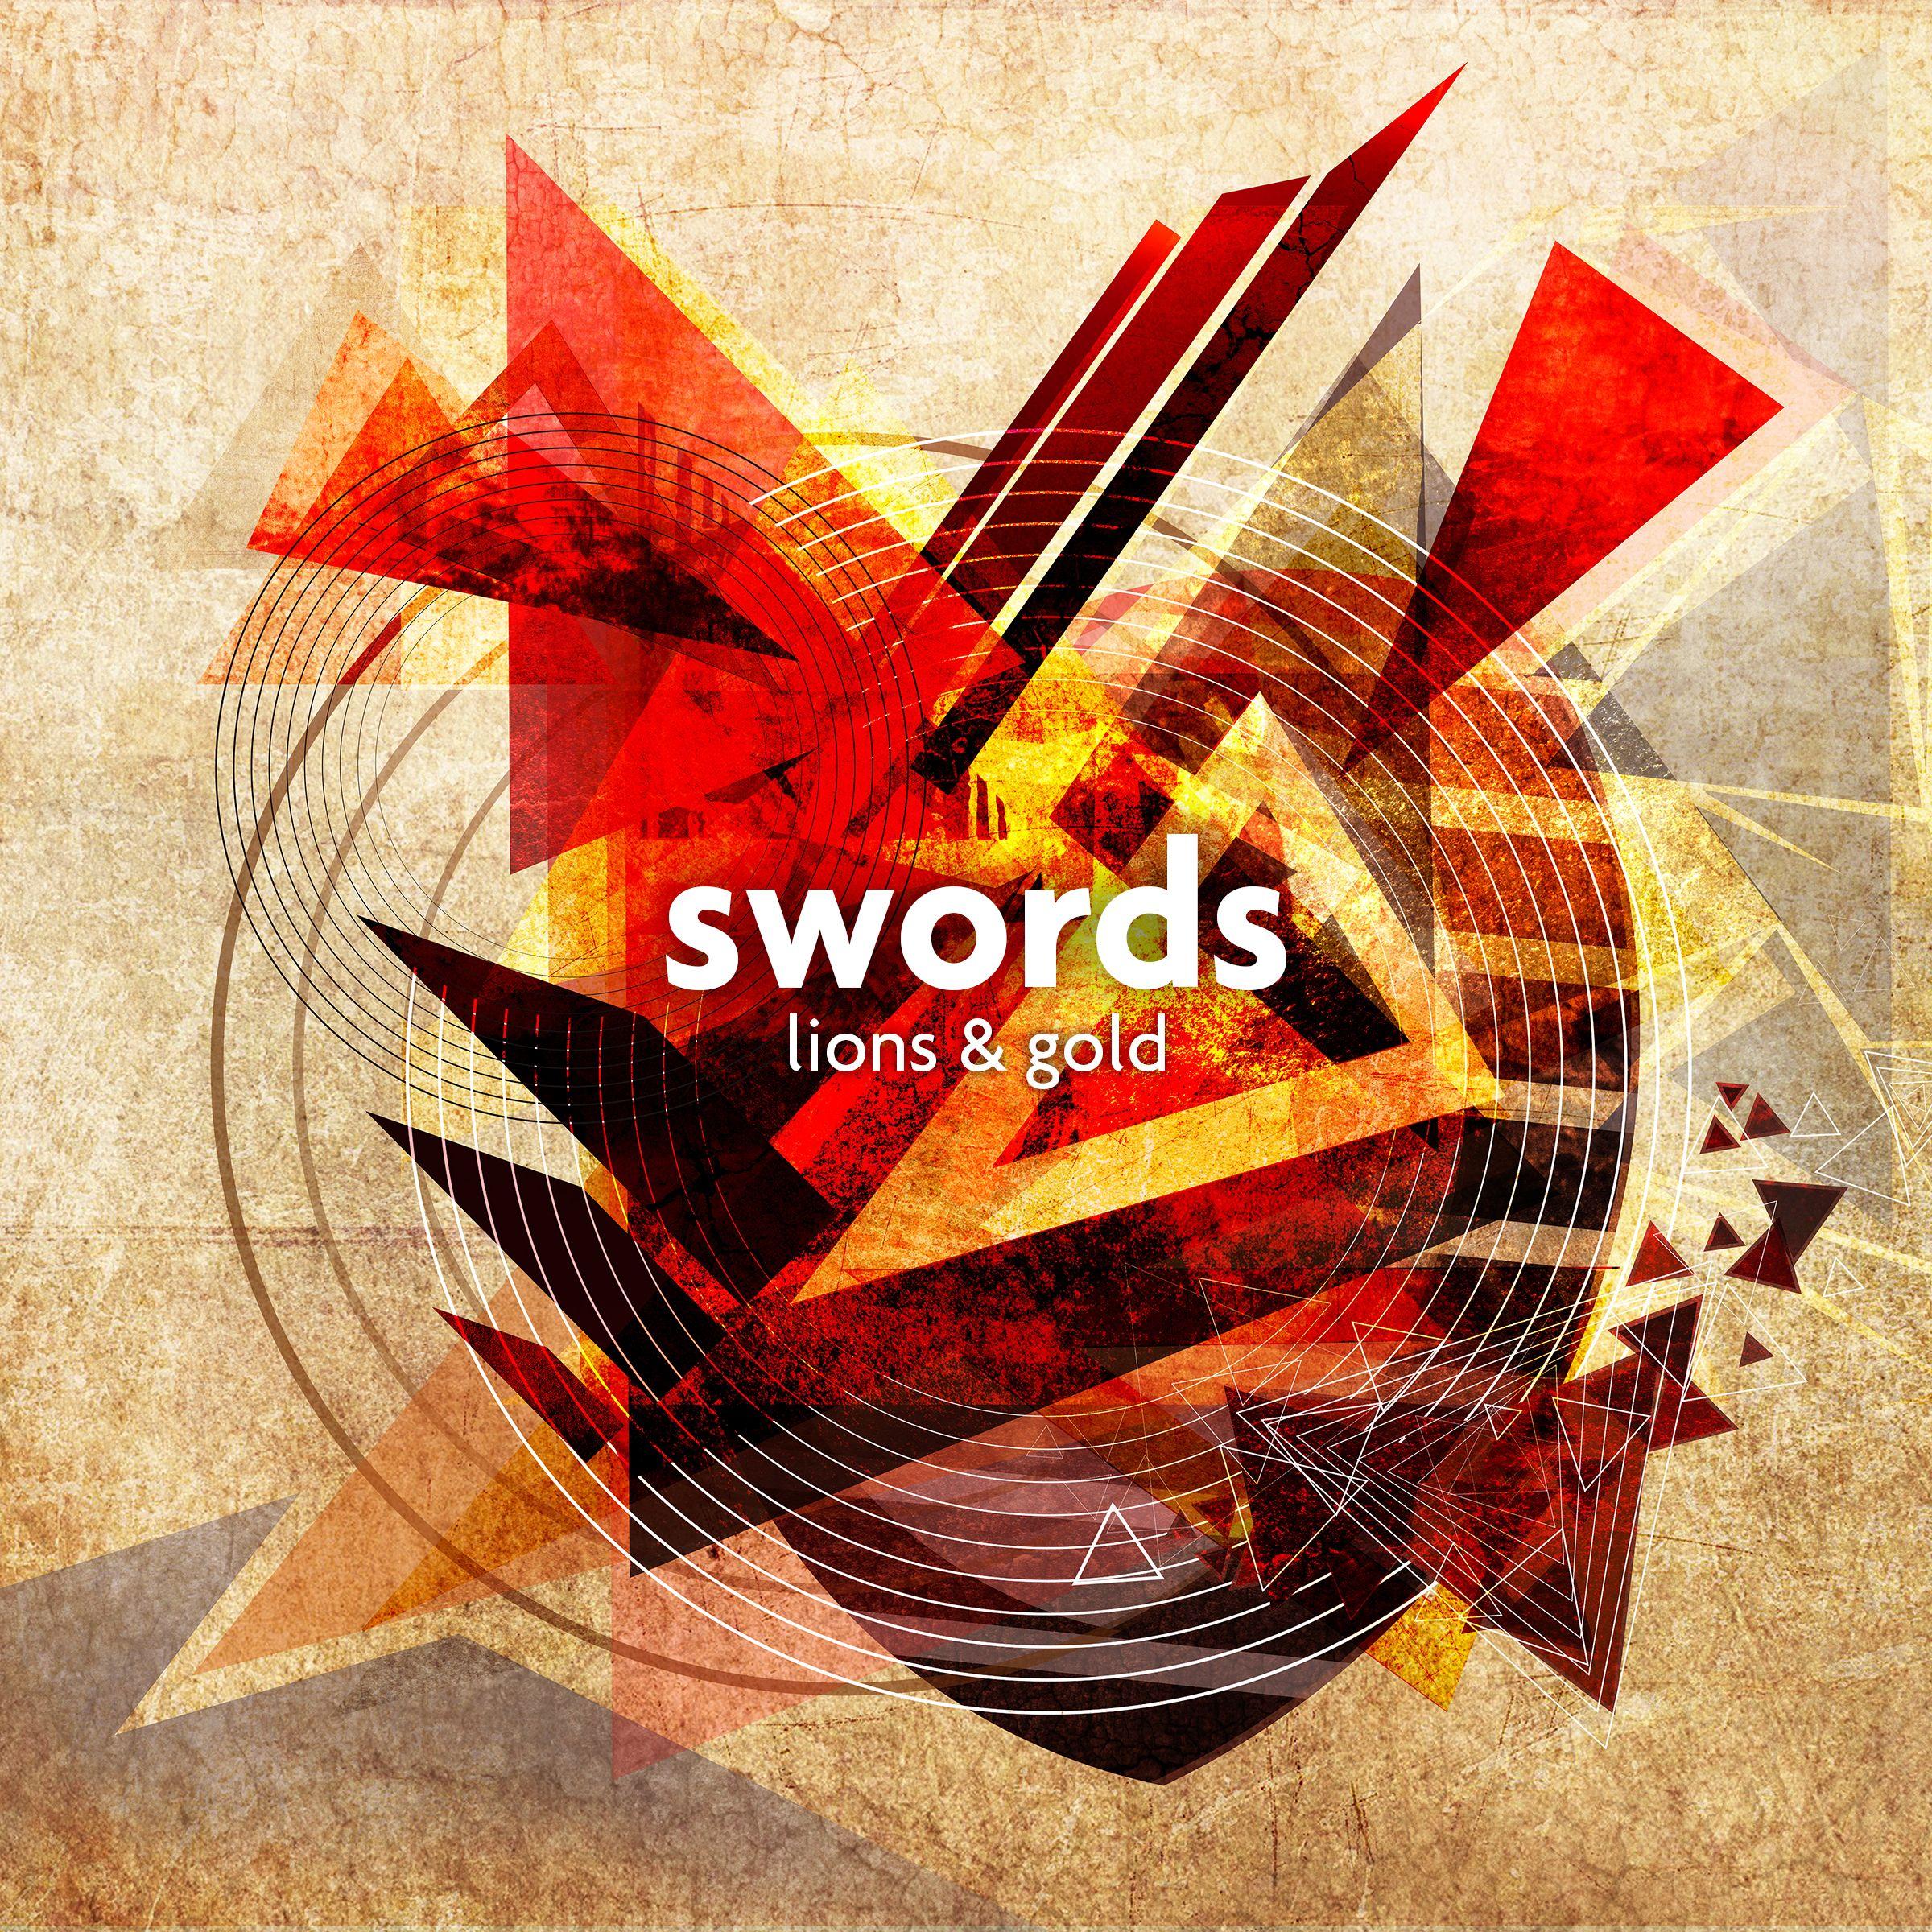 Swords – Lions & Gold   Review